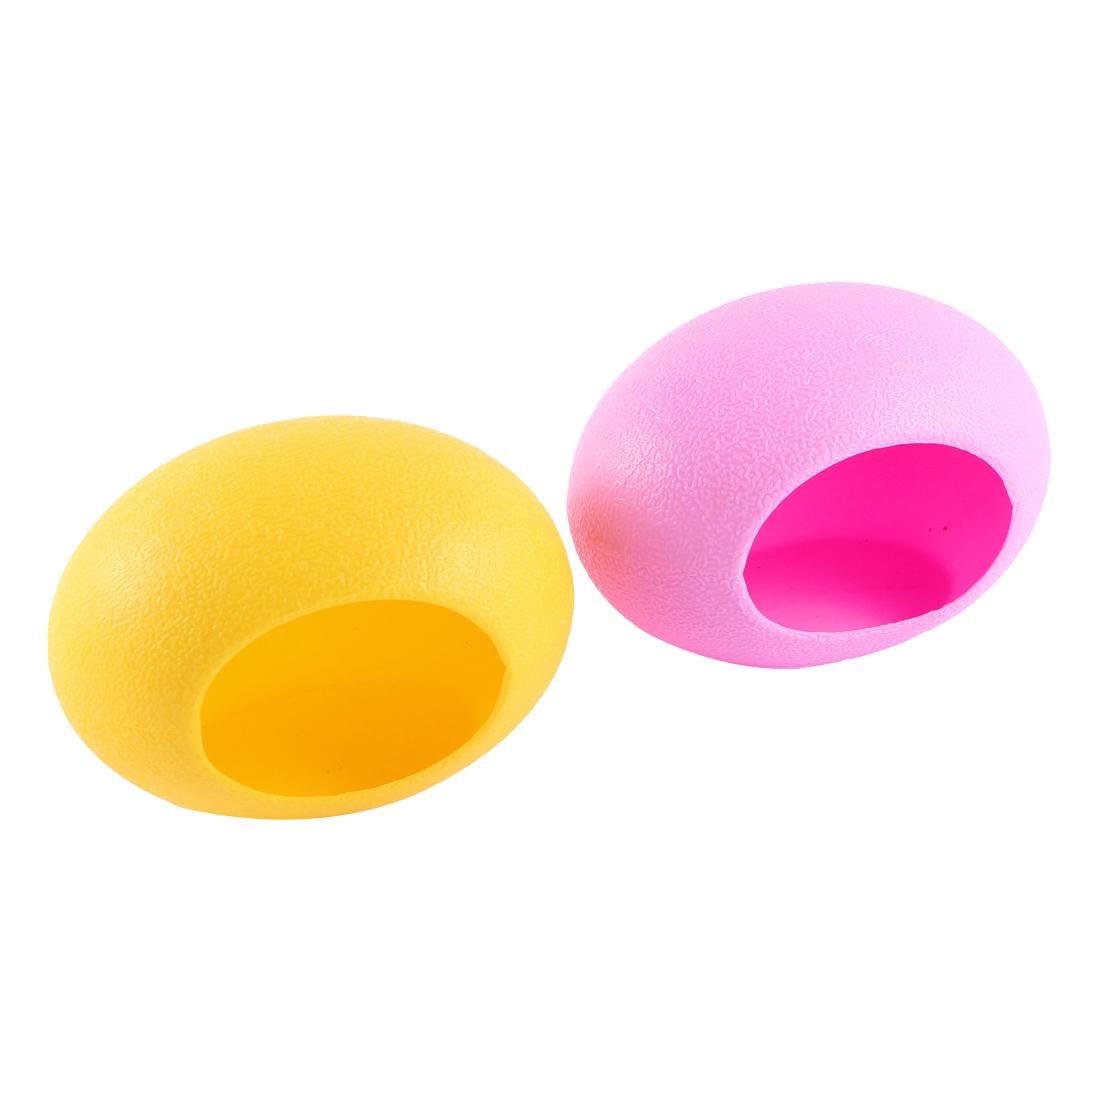 Unique Bargains 2 Pcs Plastic Egg Nest Shaped Washable Portable Hamster House Yellow Pink by Unique-Bargains